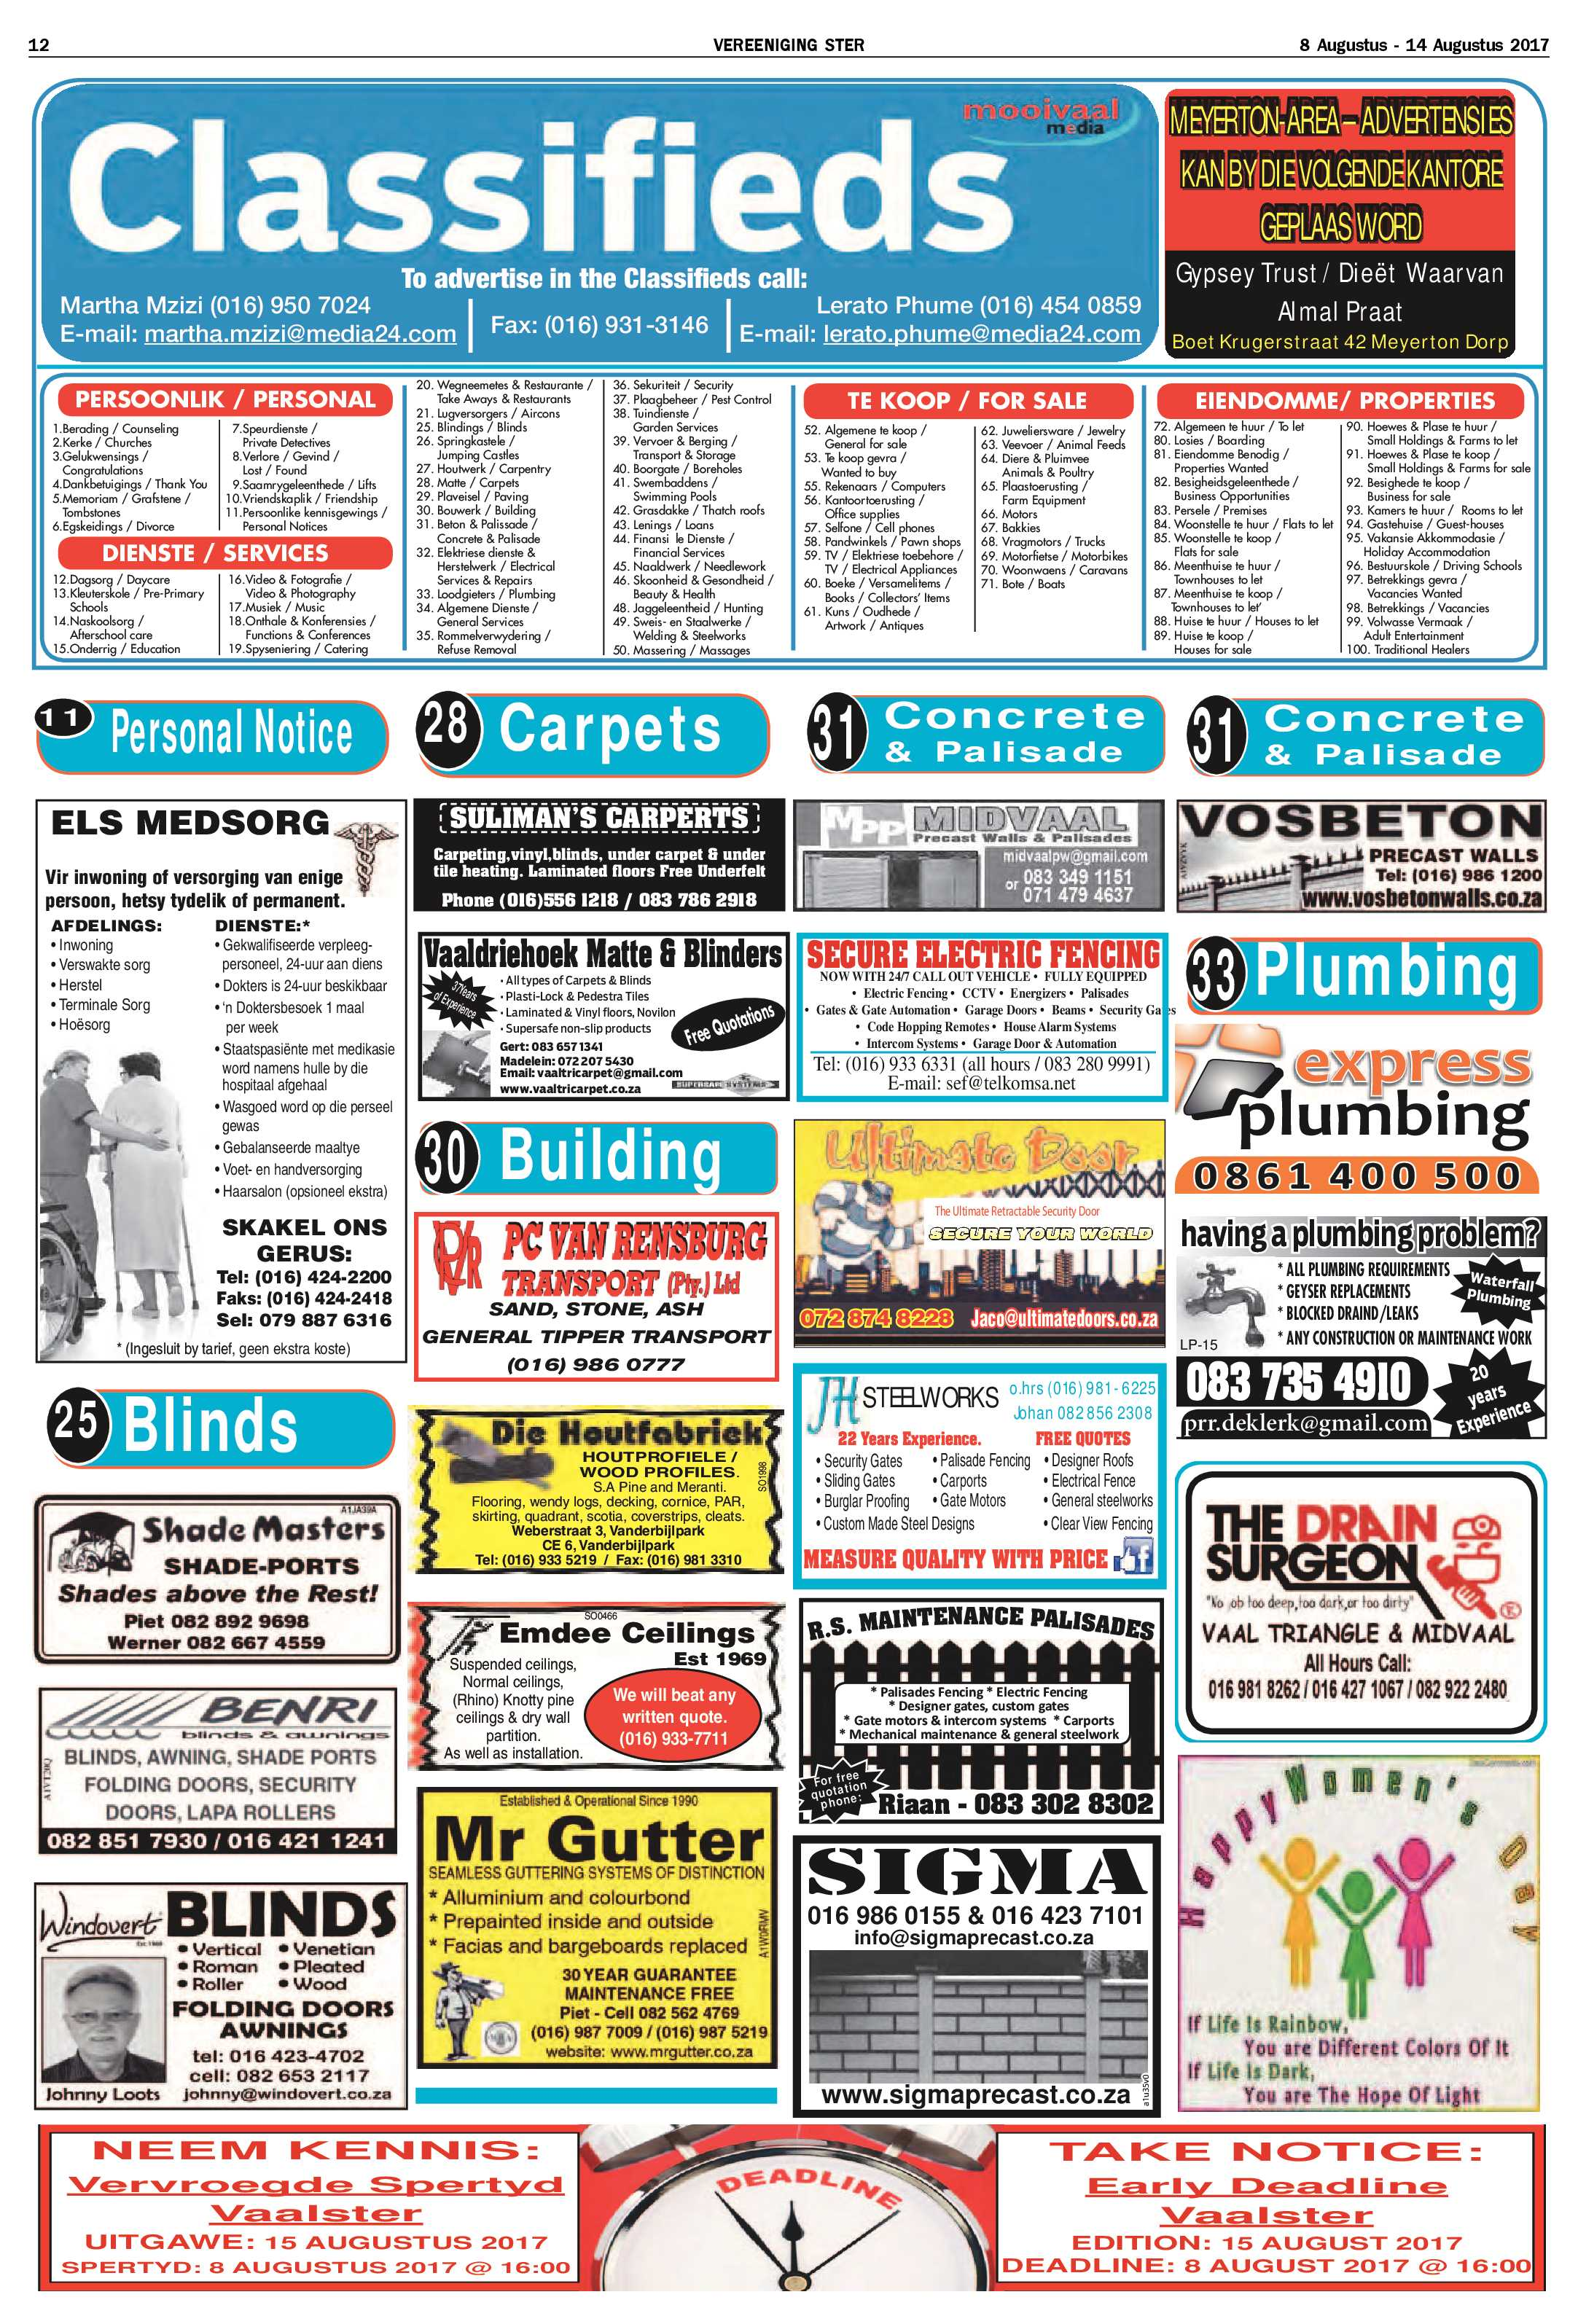 vereeniging-ster-8-14-augustus-2017-epapers-page-12